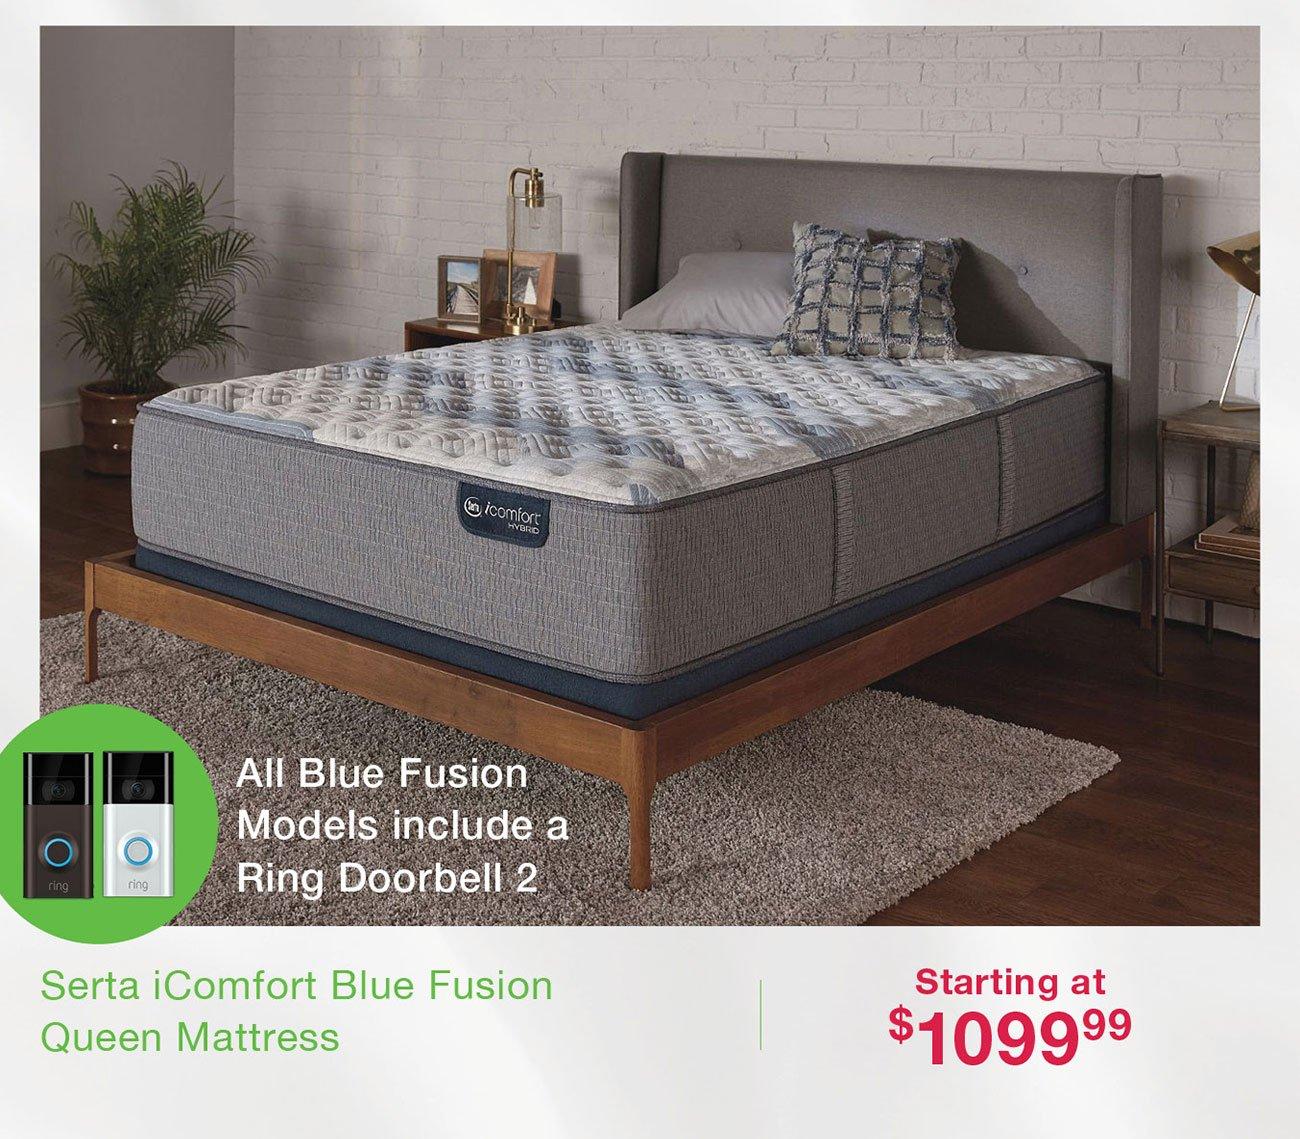 Serta-blue-fusion-queen-mattress